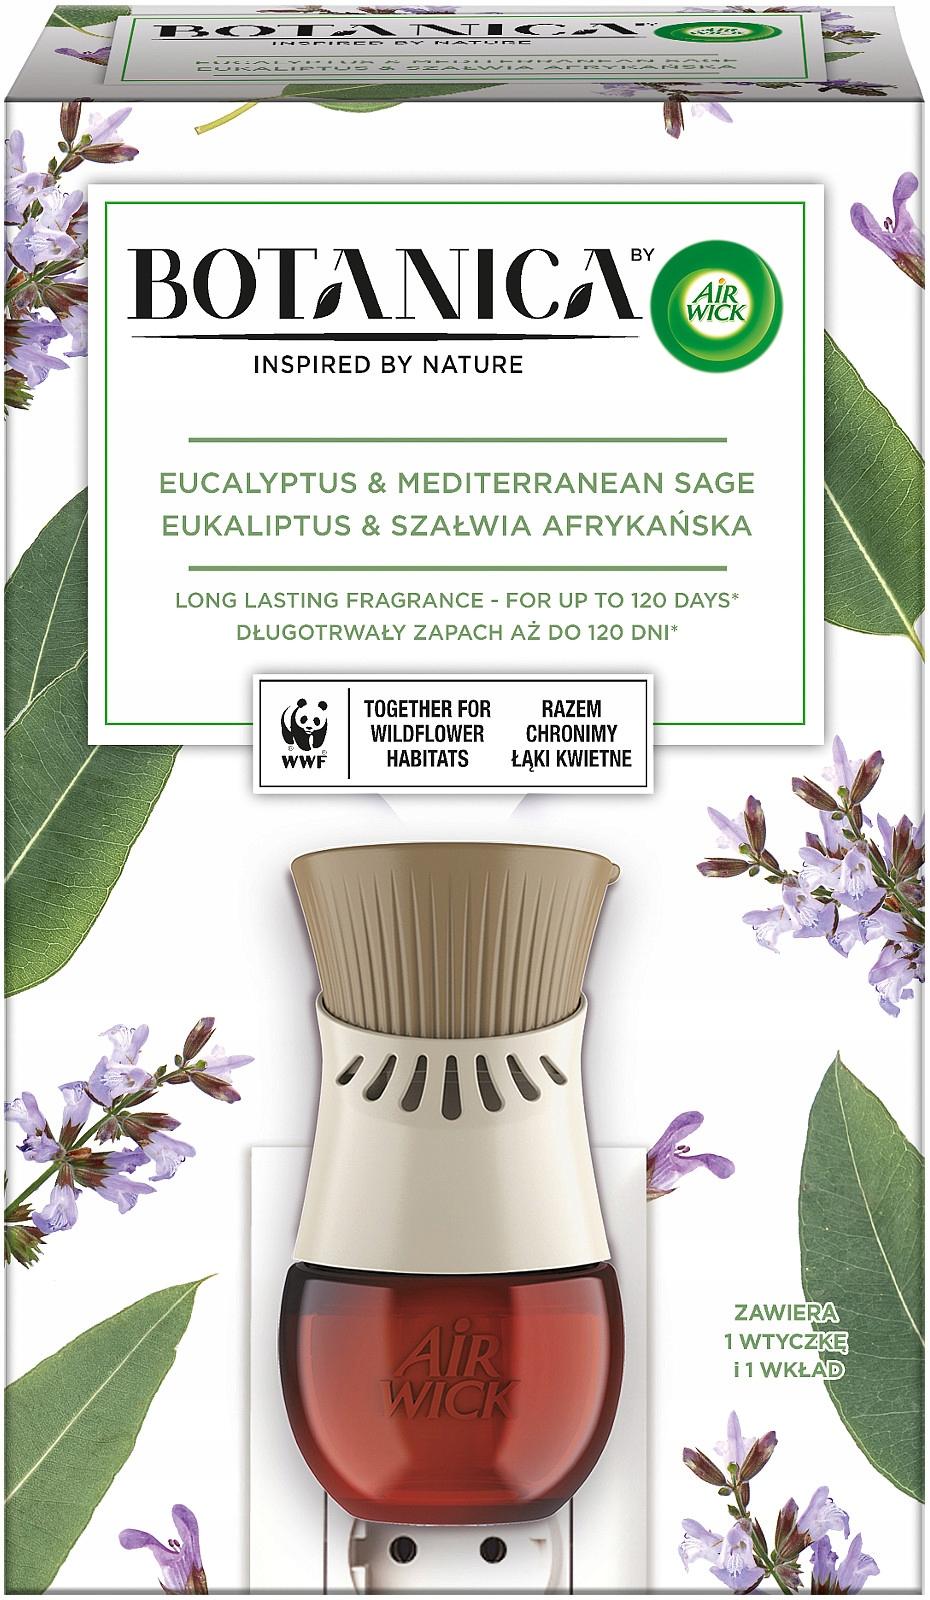 Электрический освежитель воздуха Botanica by Air Wick Complete